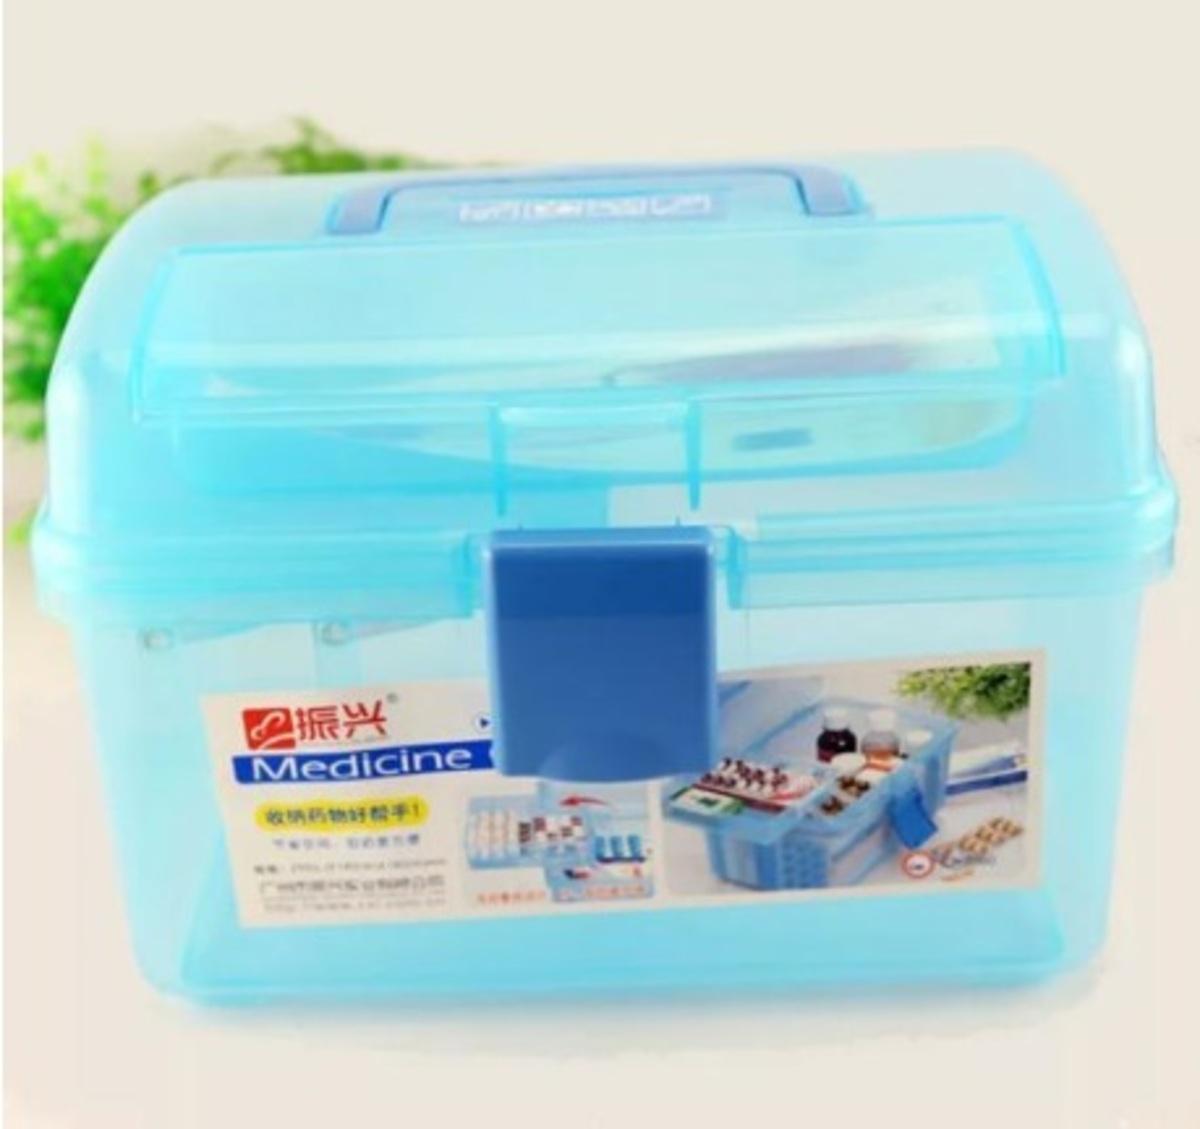 多用途藥箱 (藍色/透明綠)